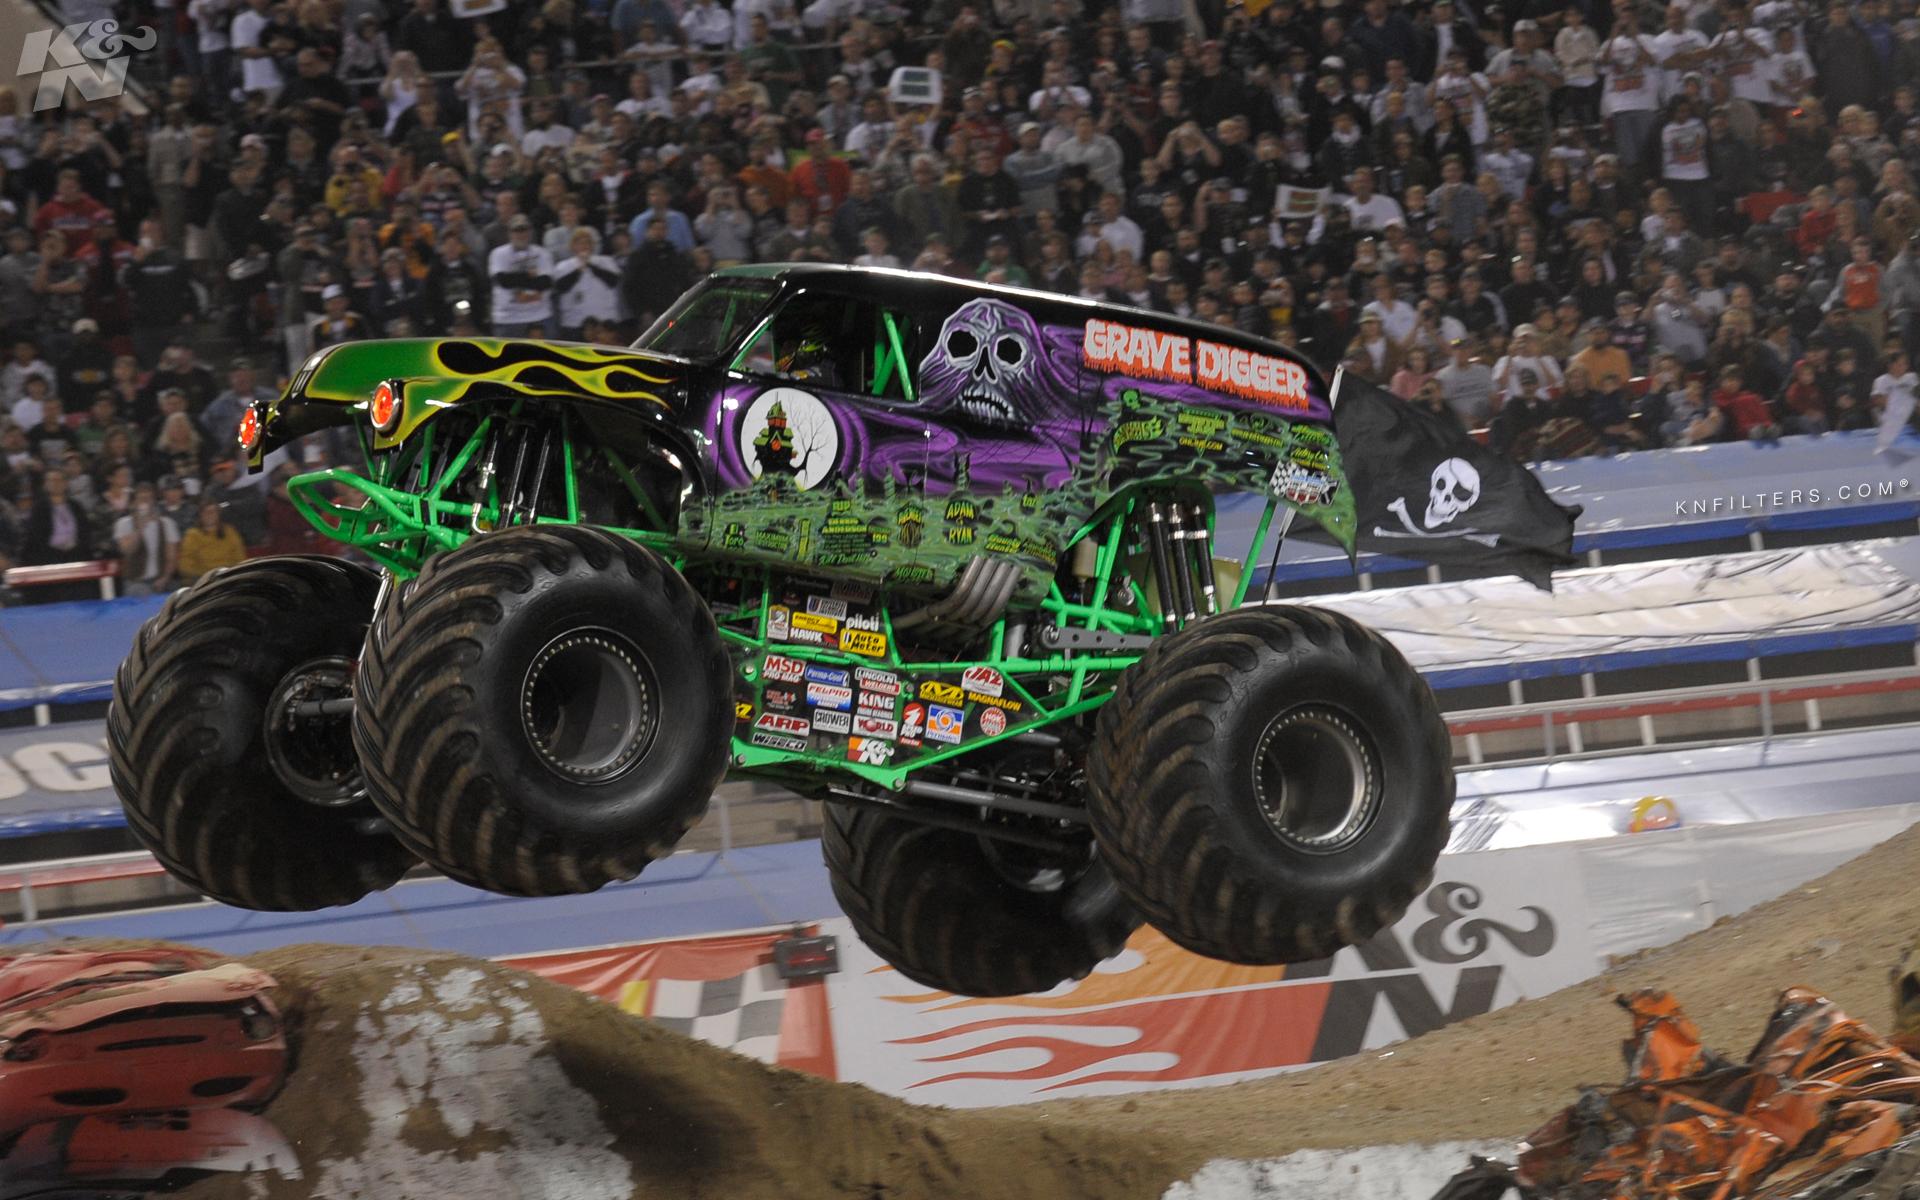 GRAVE DIGGER monster truck 4x4 race racing monster truck j wallpaper 1920x1200